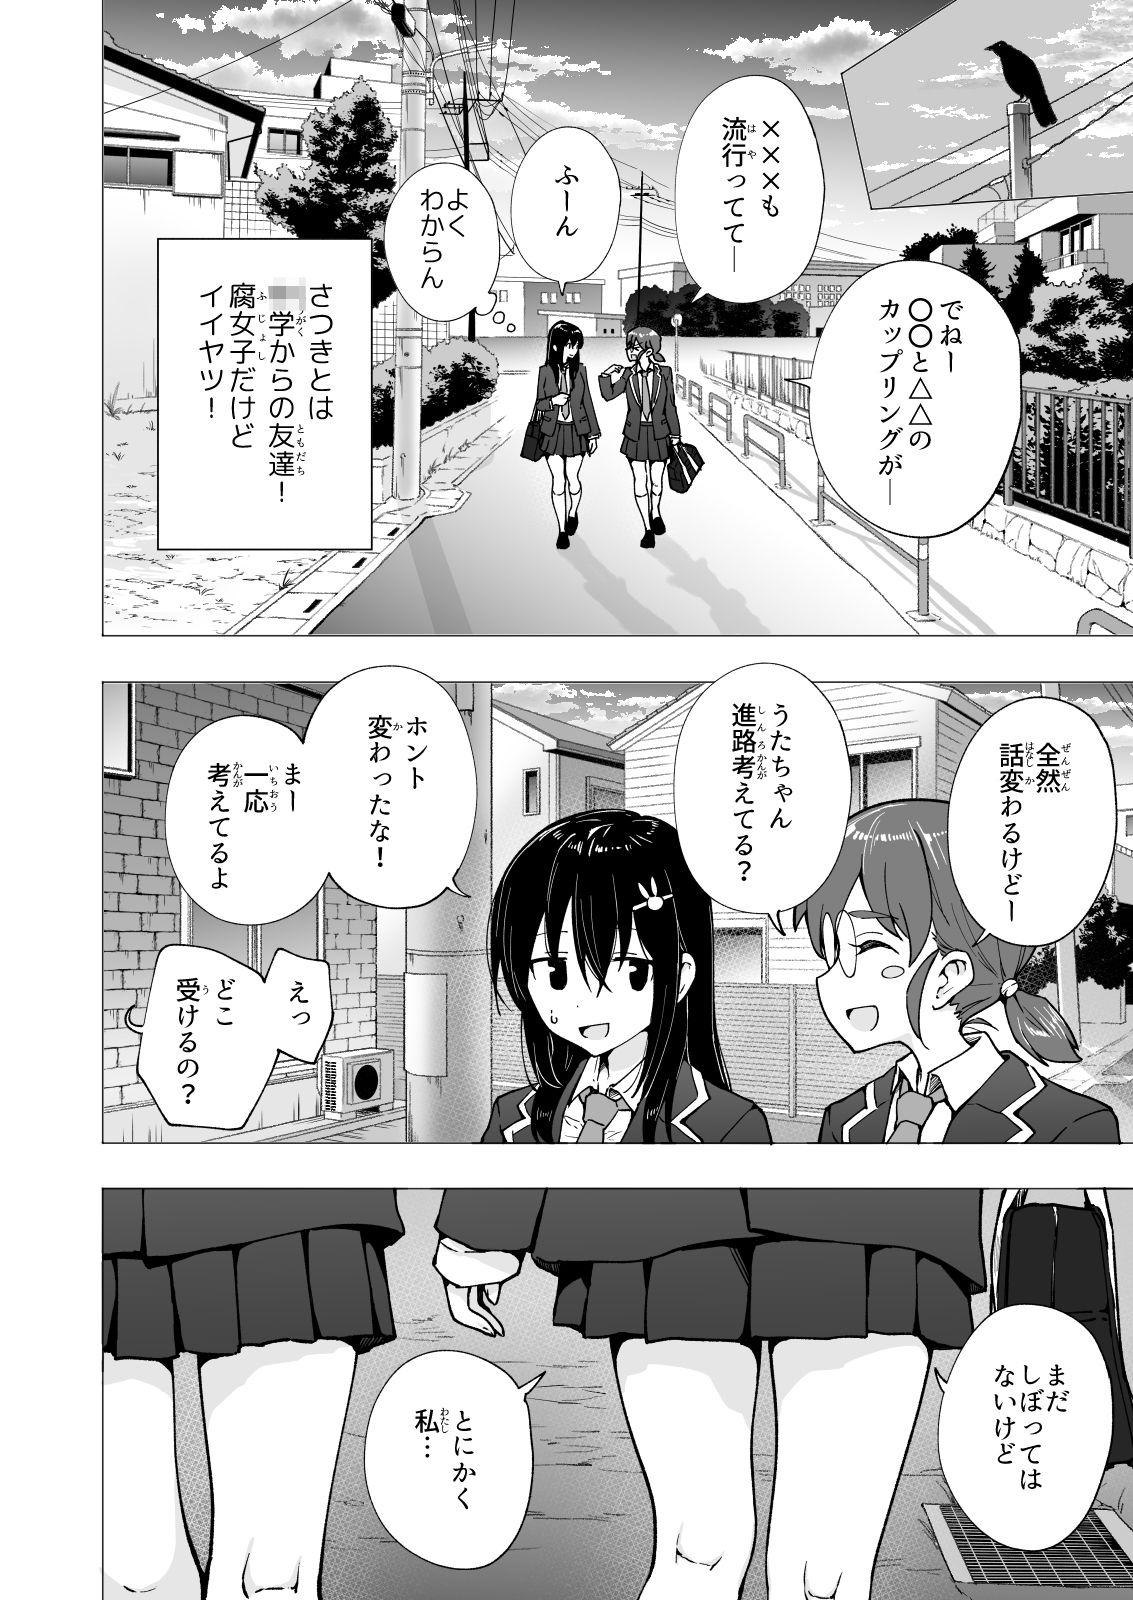 【エロ漫画】パパ活はじめました3~裏アカJK編(1)~18歳の少女が‥「サークル:かみか堂」【同人誌・コミック】#6